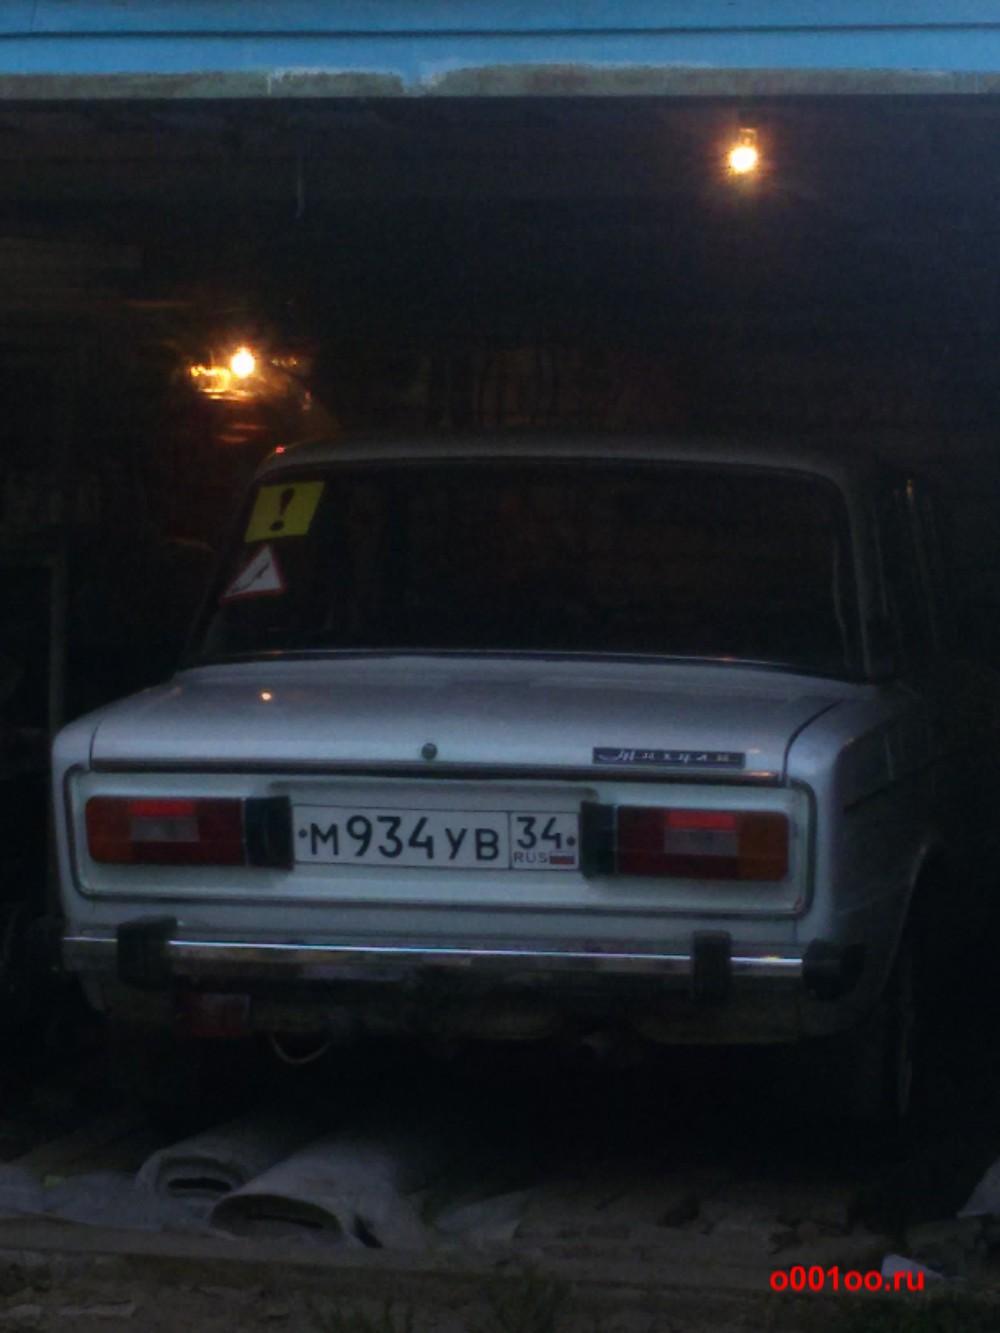 м934ув34